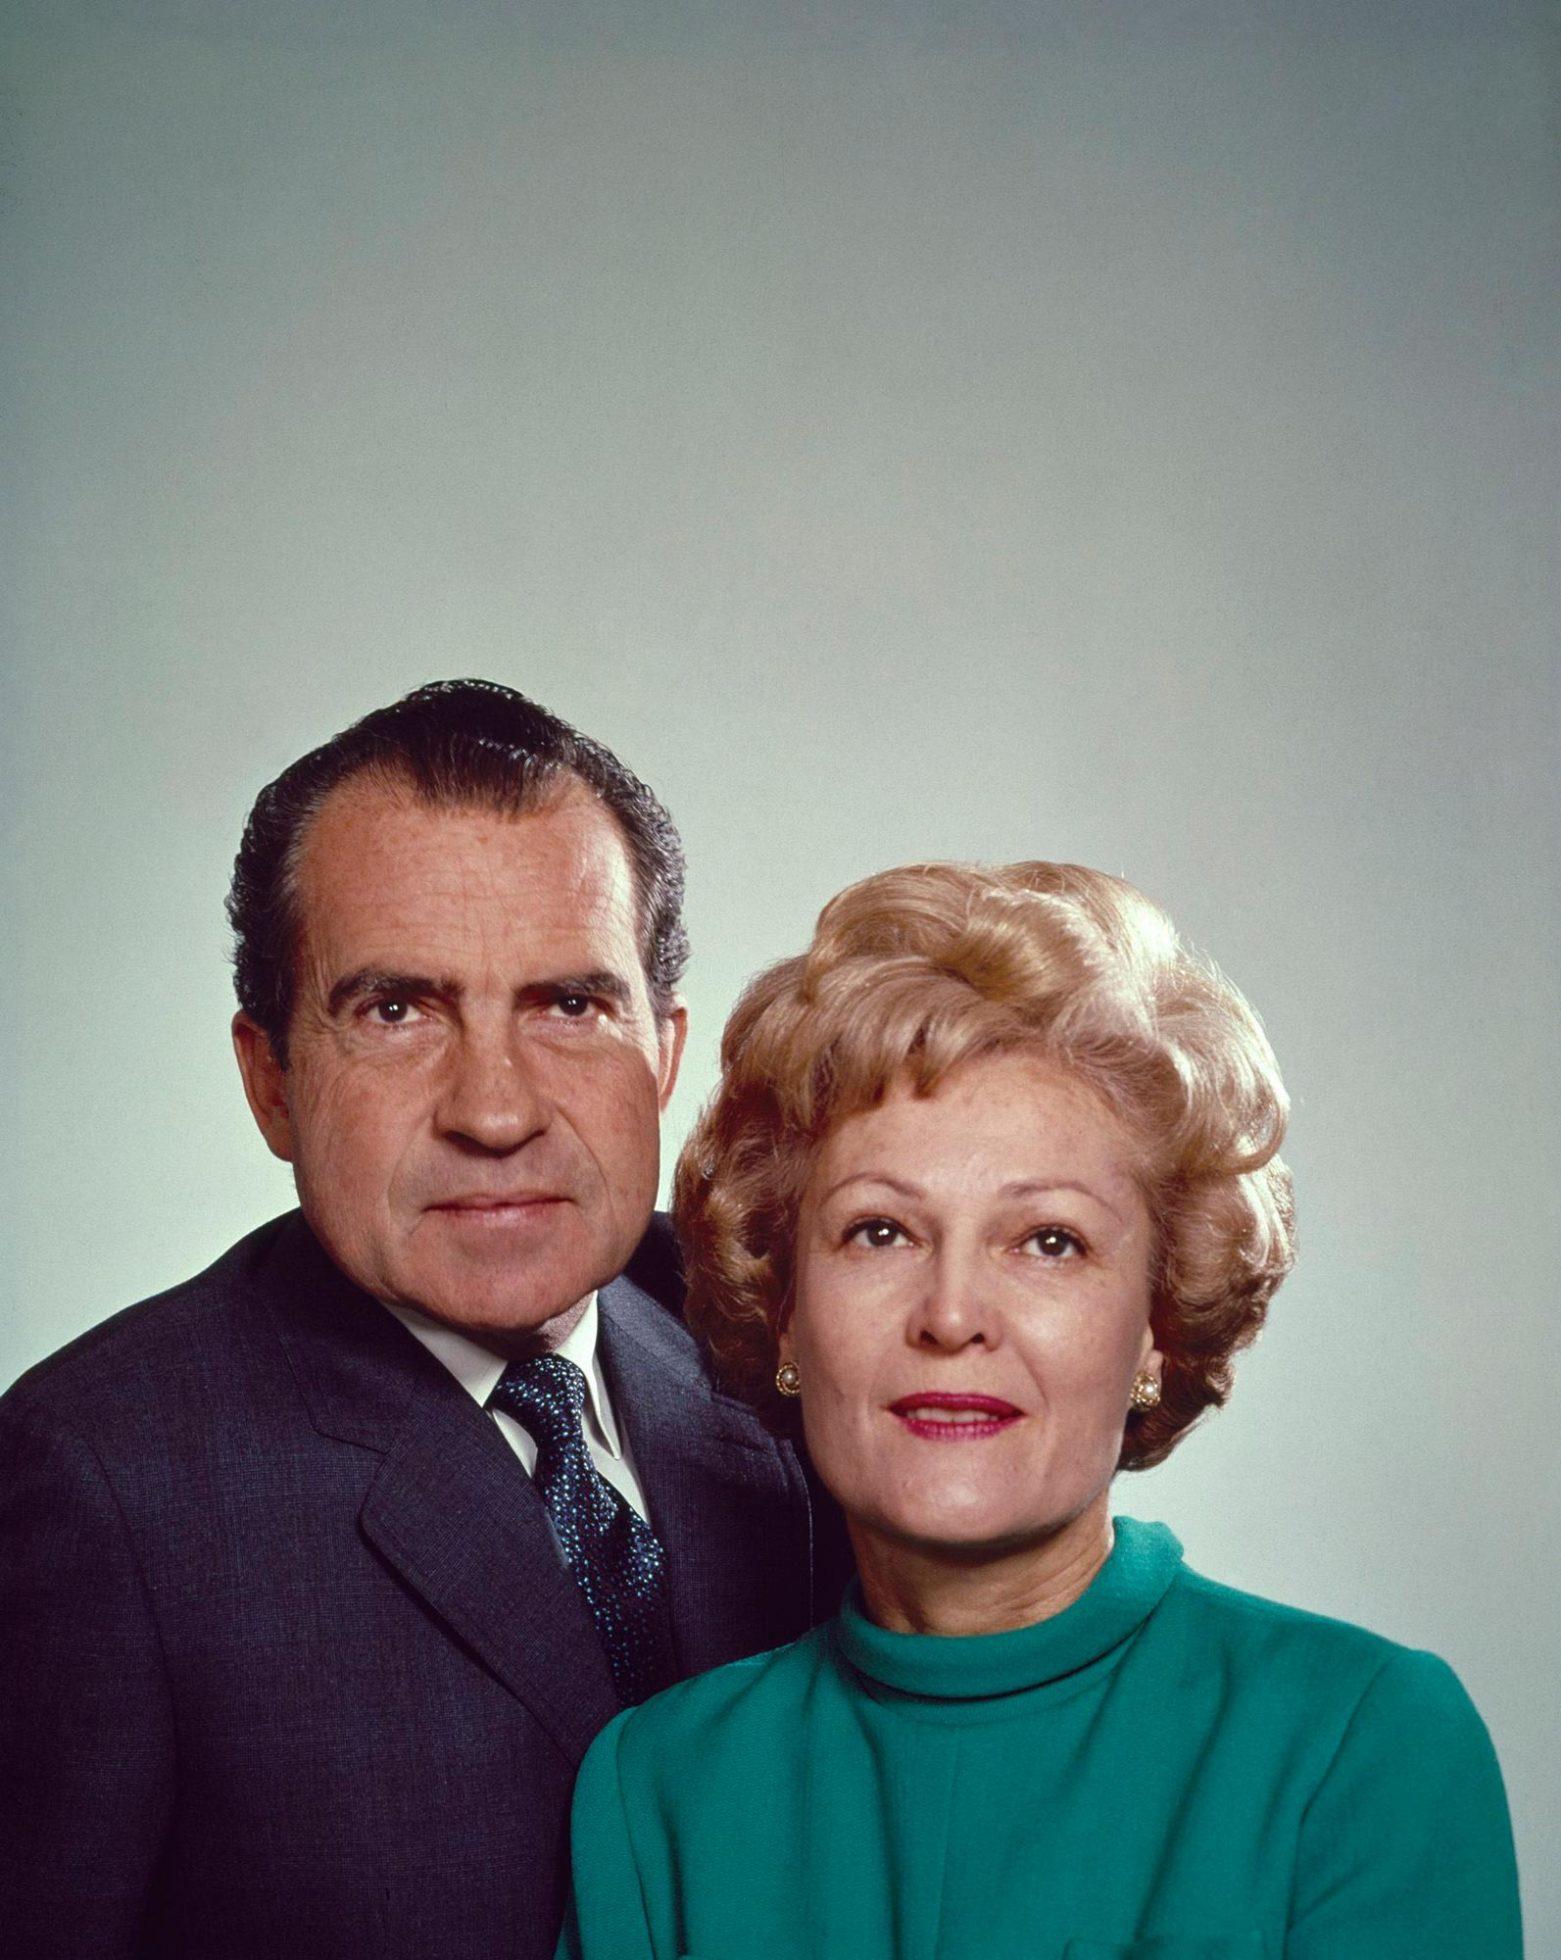 Richard Nixon and Pat Nixon